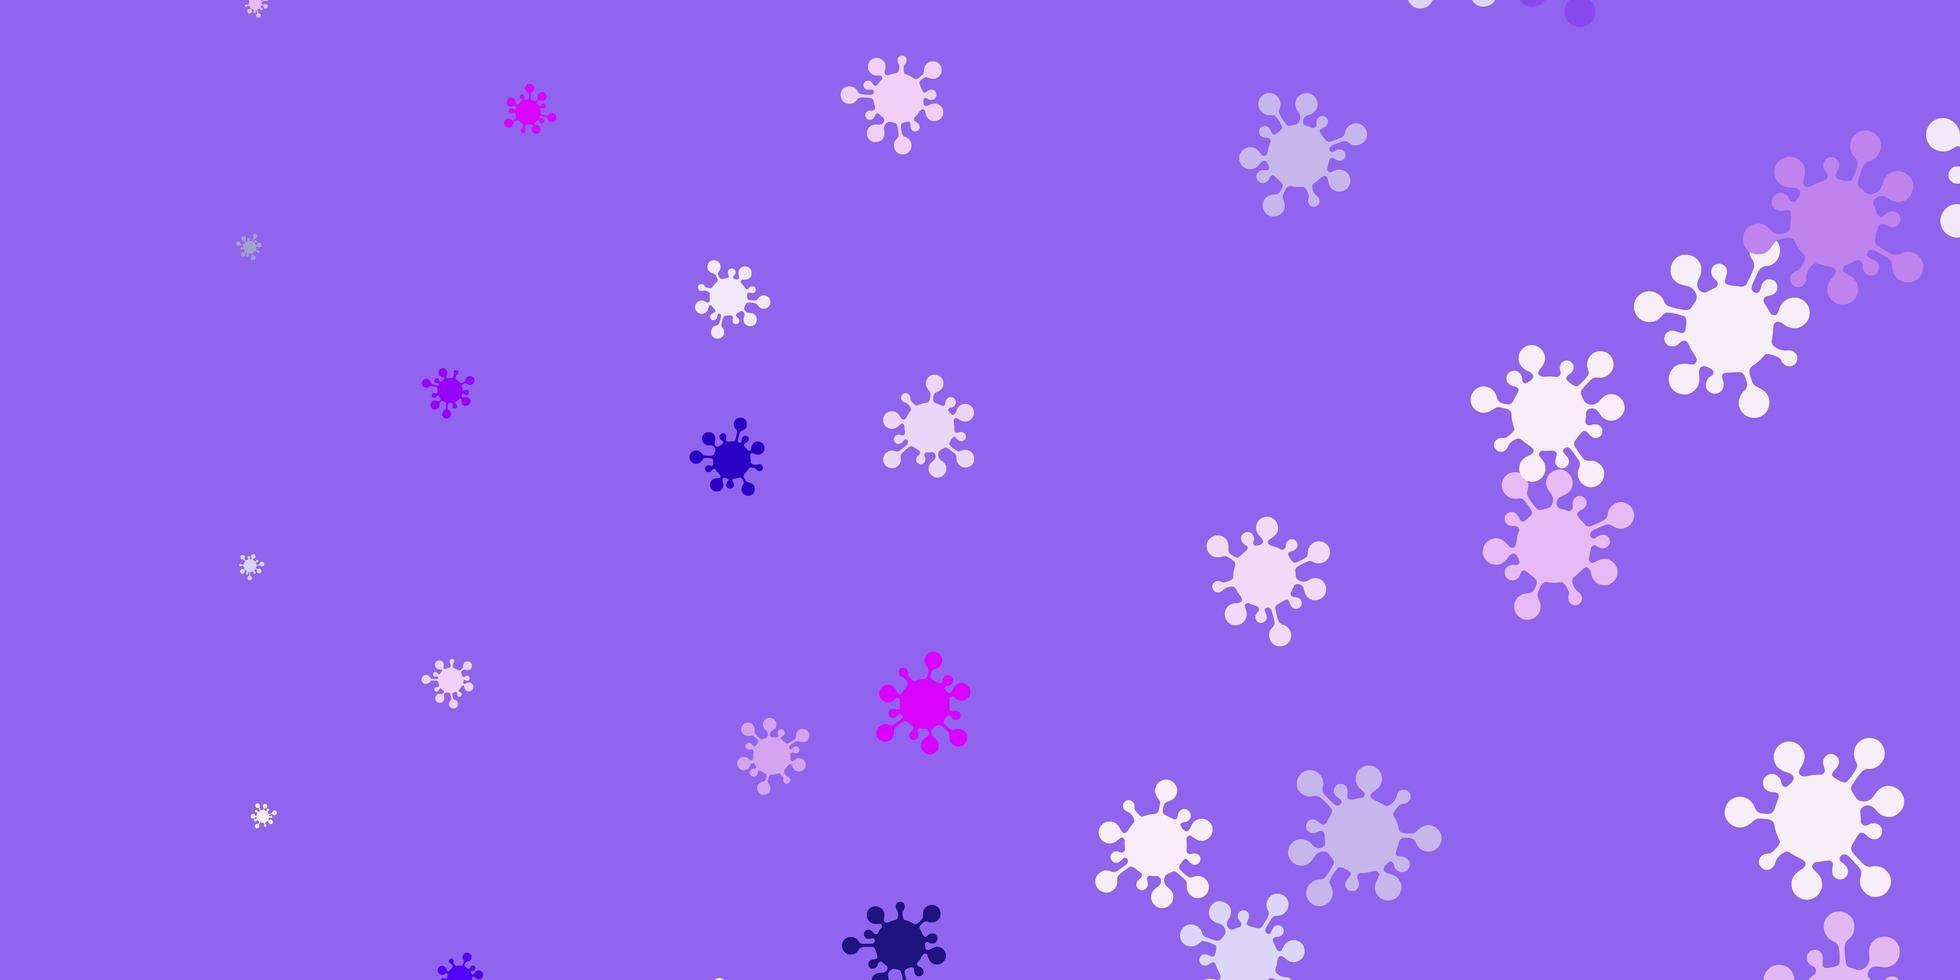 sfondo vettoriale viola chiaro, rosa con simboli di virus